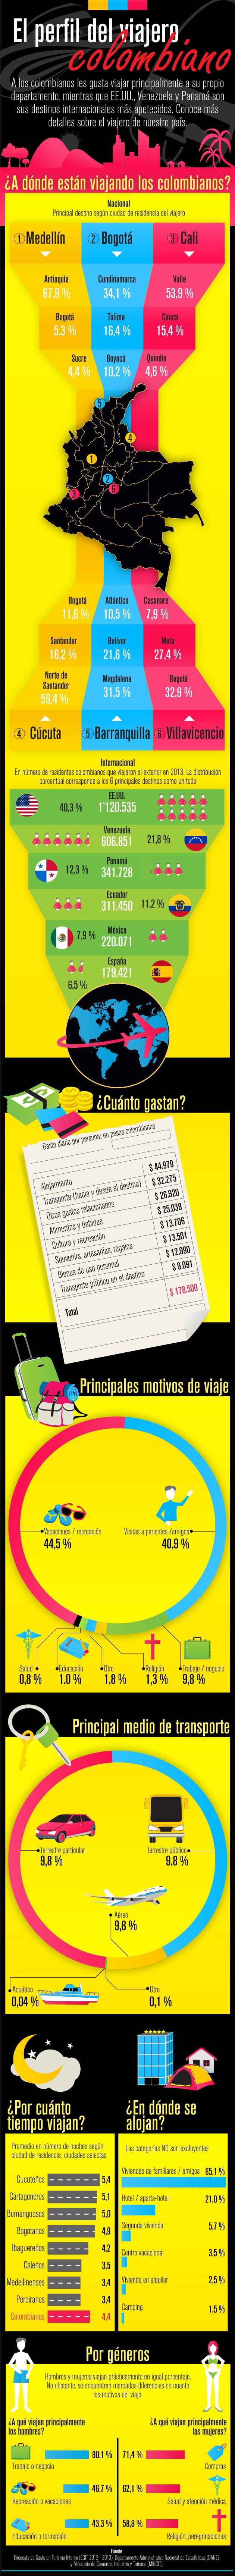 El perfil de viajero colombiano